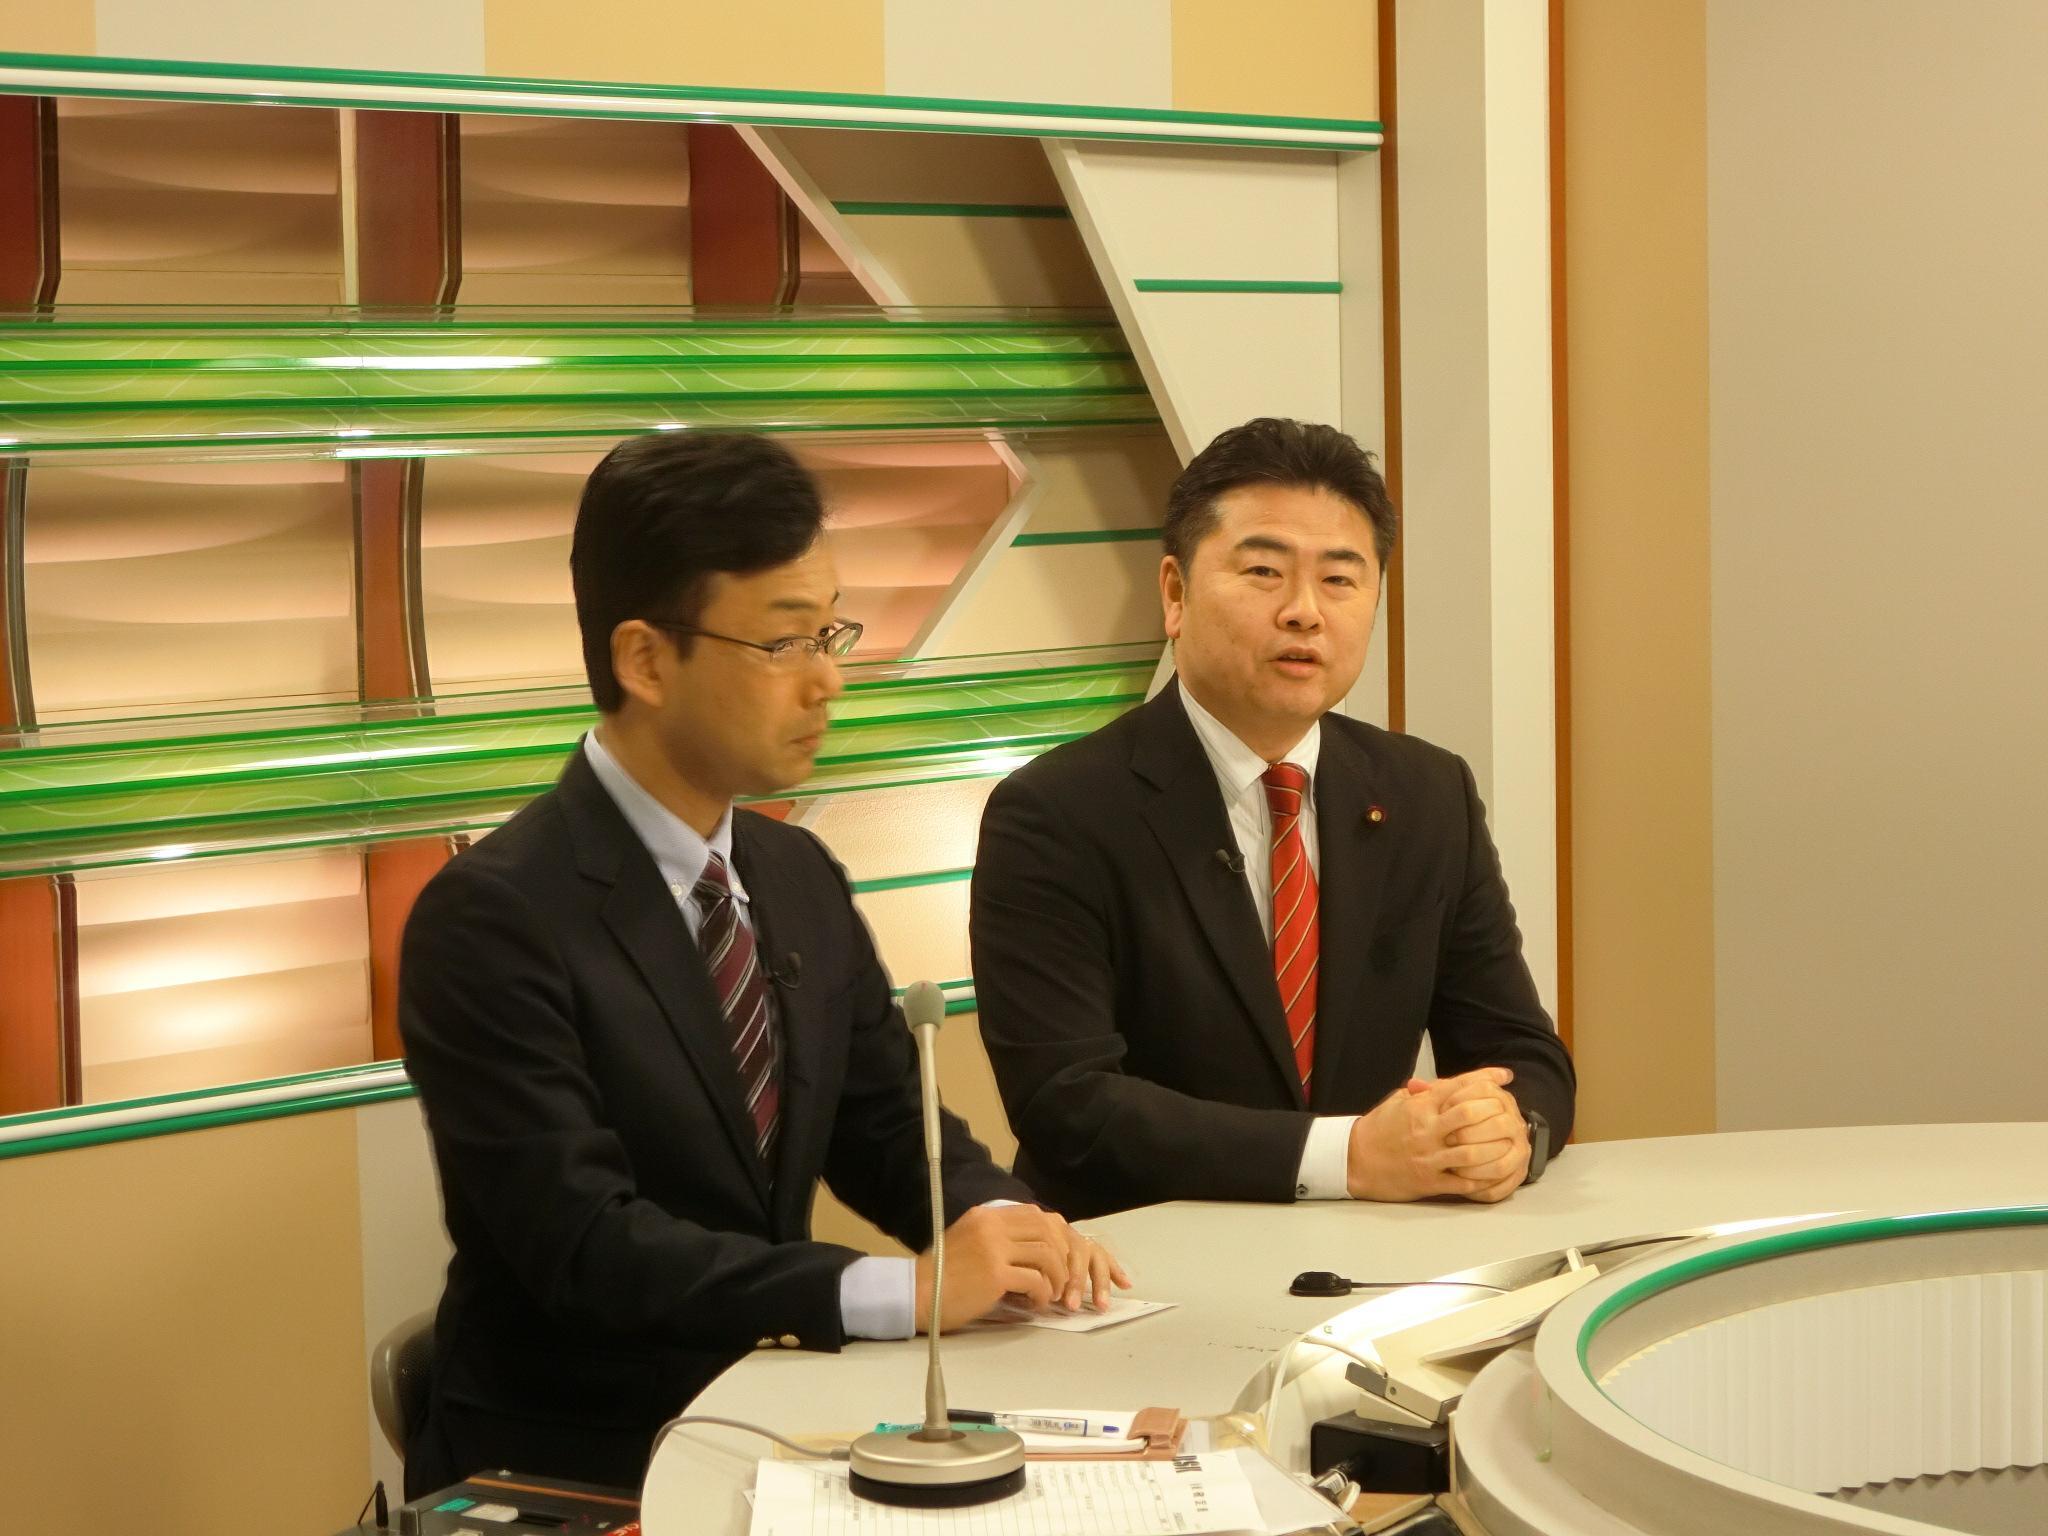 山陽放送(RSK)イブニングニュース「国会報告」に出演